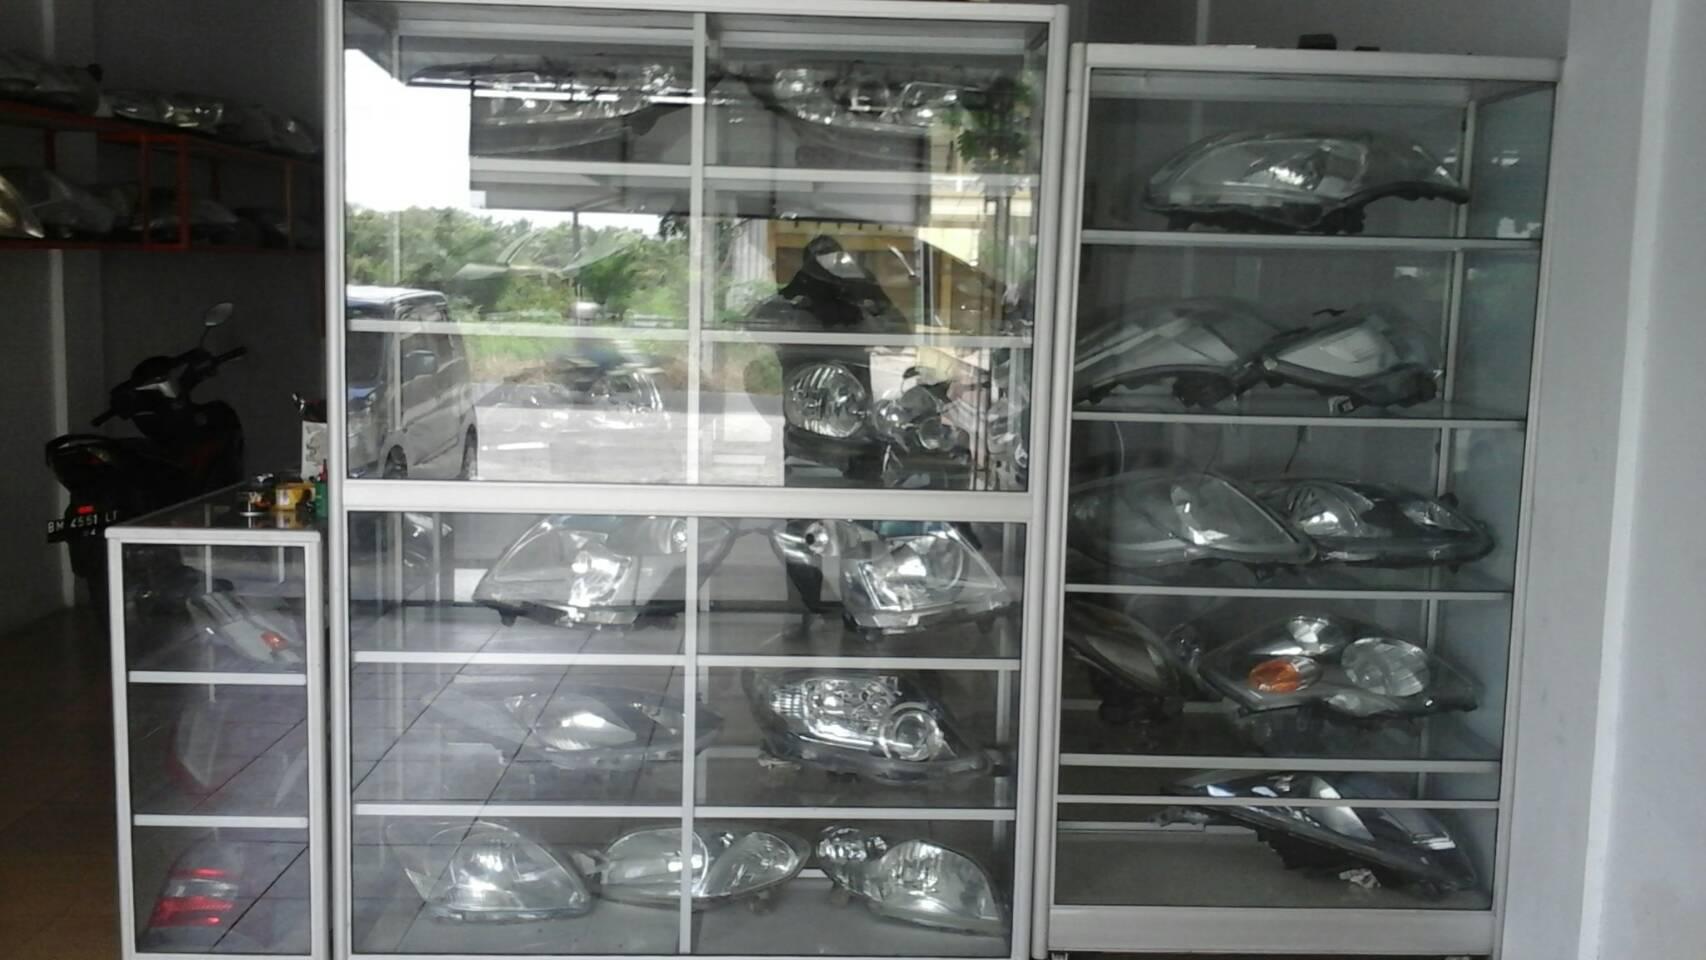 4750 - Padang motor - Salon Lampu Padang Motor